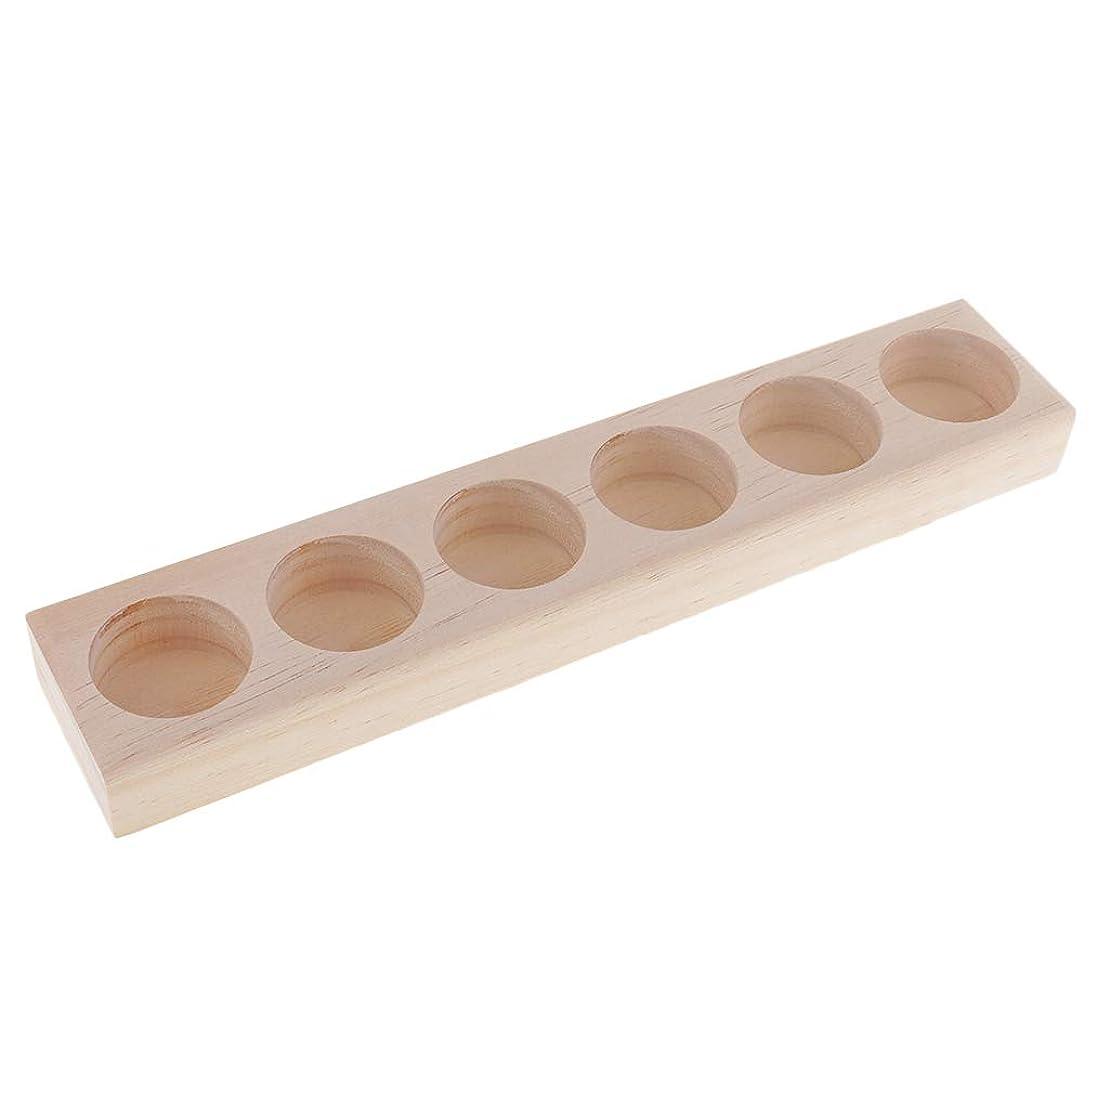 貸し手動的予知Fenteer エッセンシャルオイル 収納ラック 木製 精油 オーガナイザー ジュエリー 化粧品 収納用品